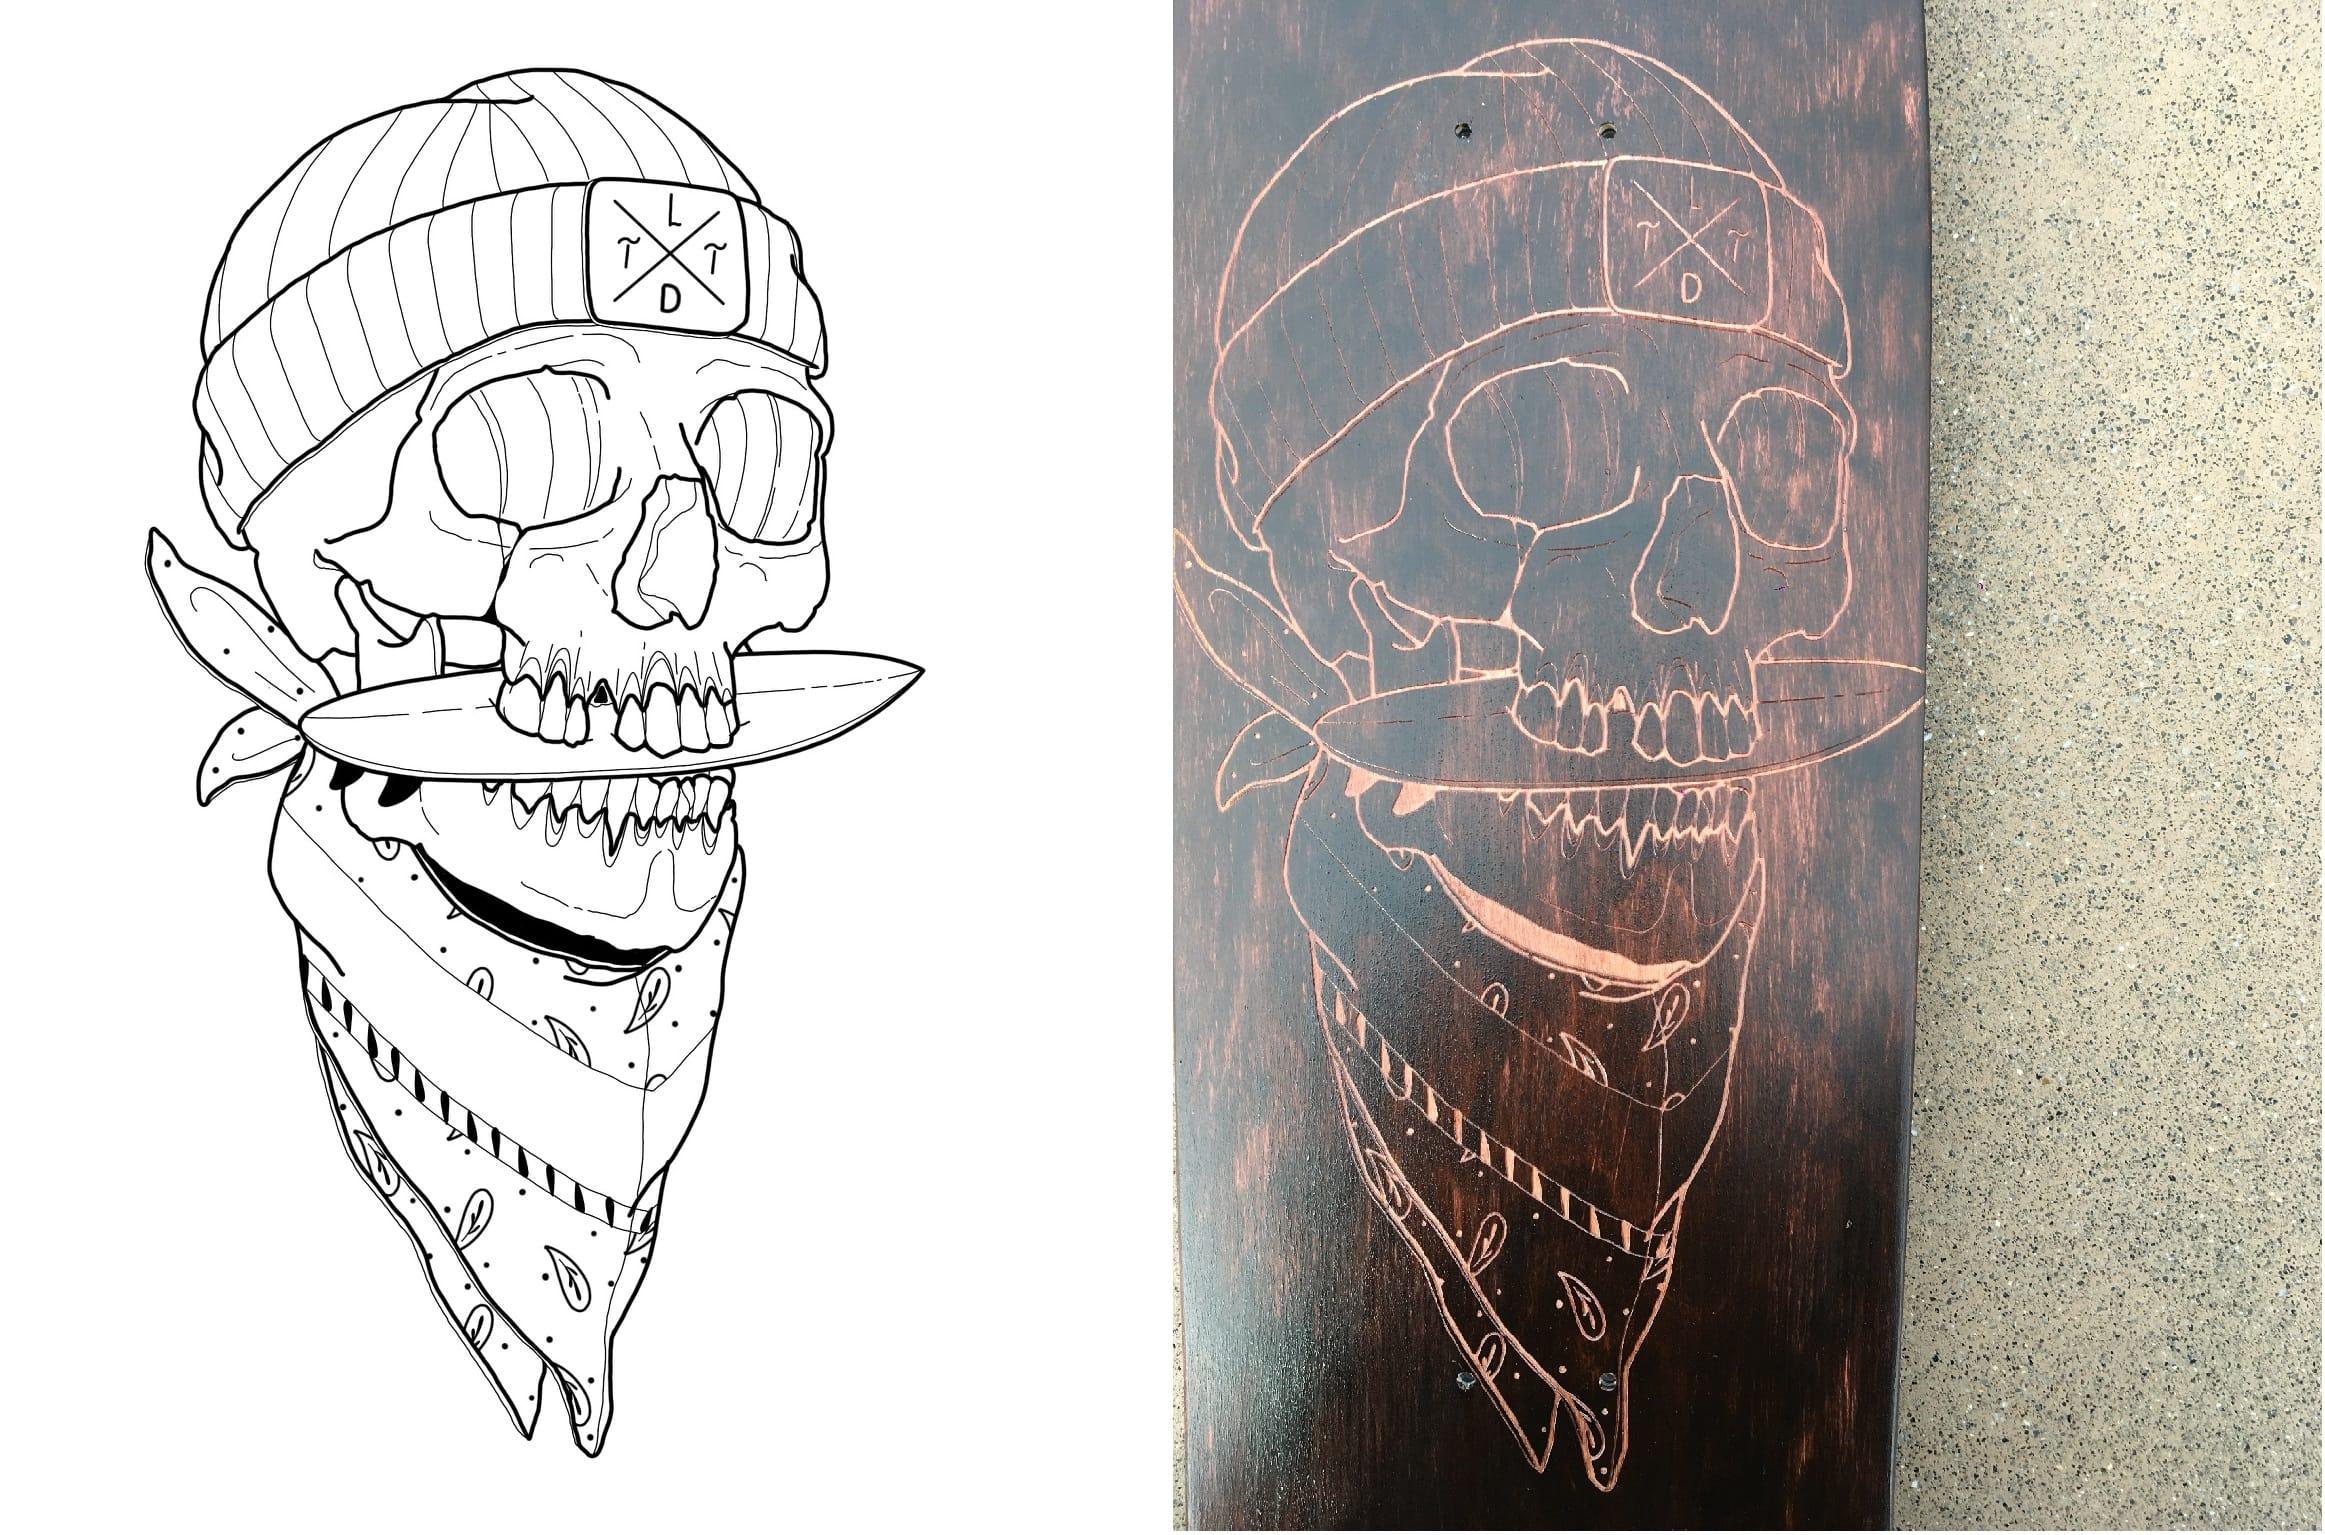 Le logo original et le résultat de la gravure sur le skateboard teinté en rouge